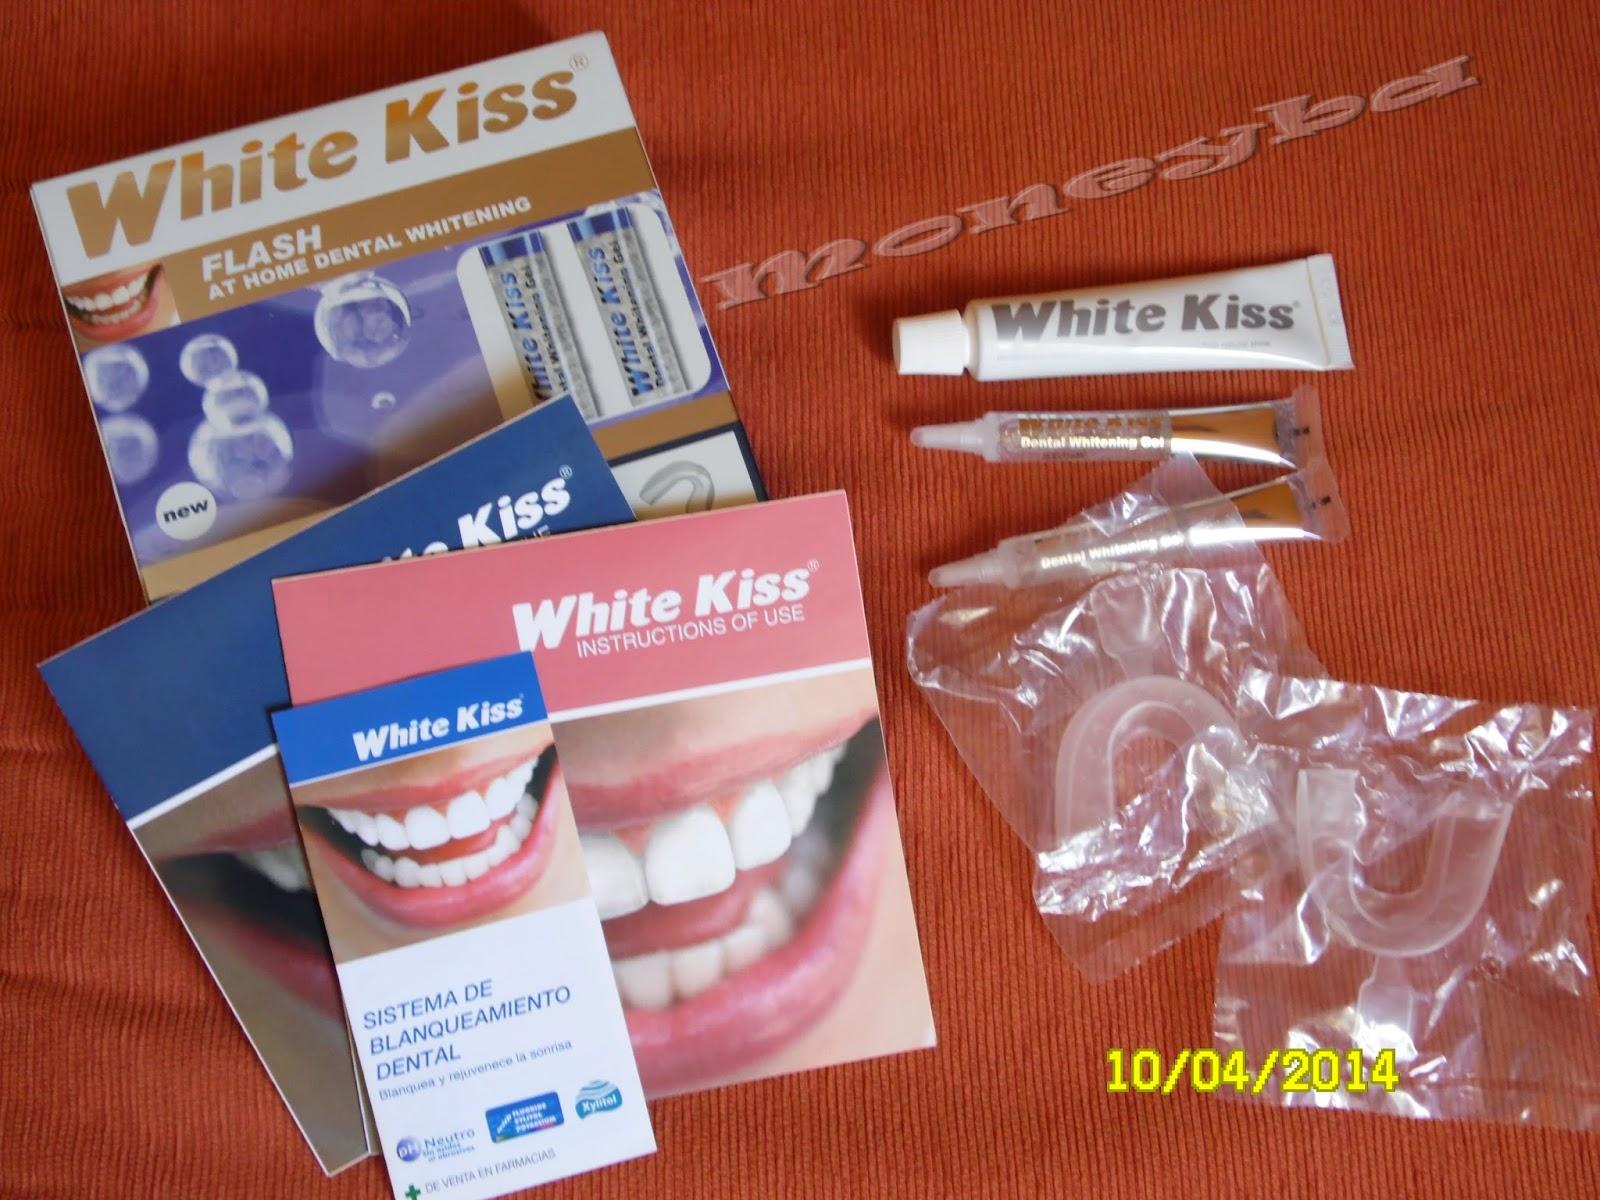 White Kiss Flash.Kit de blanqu...